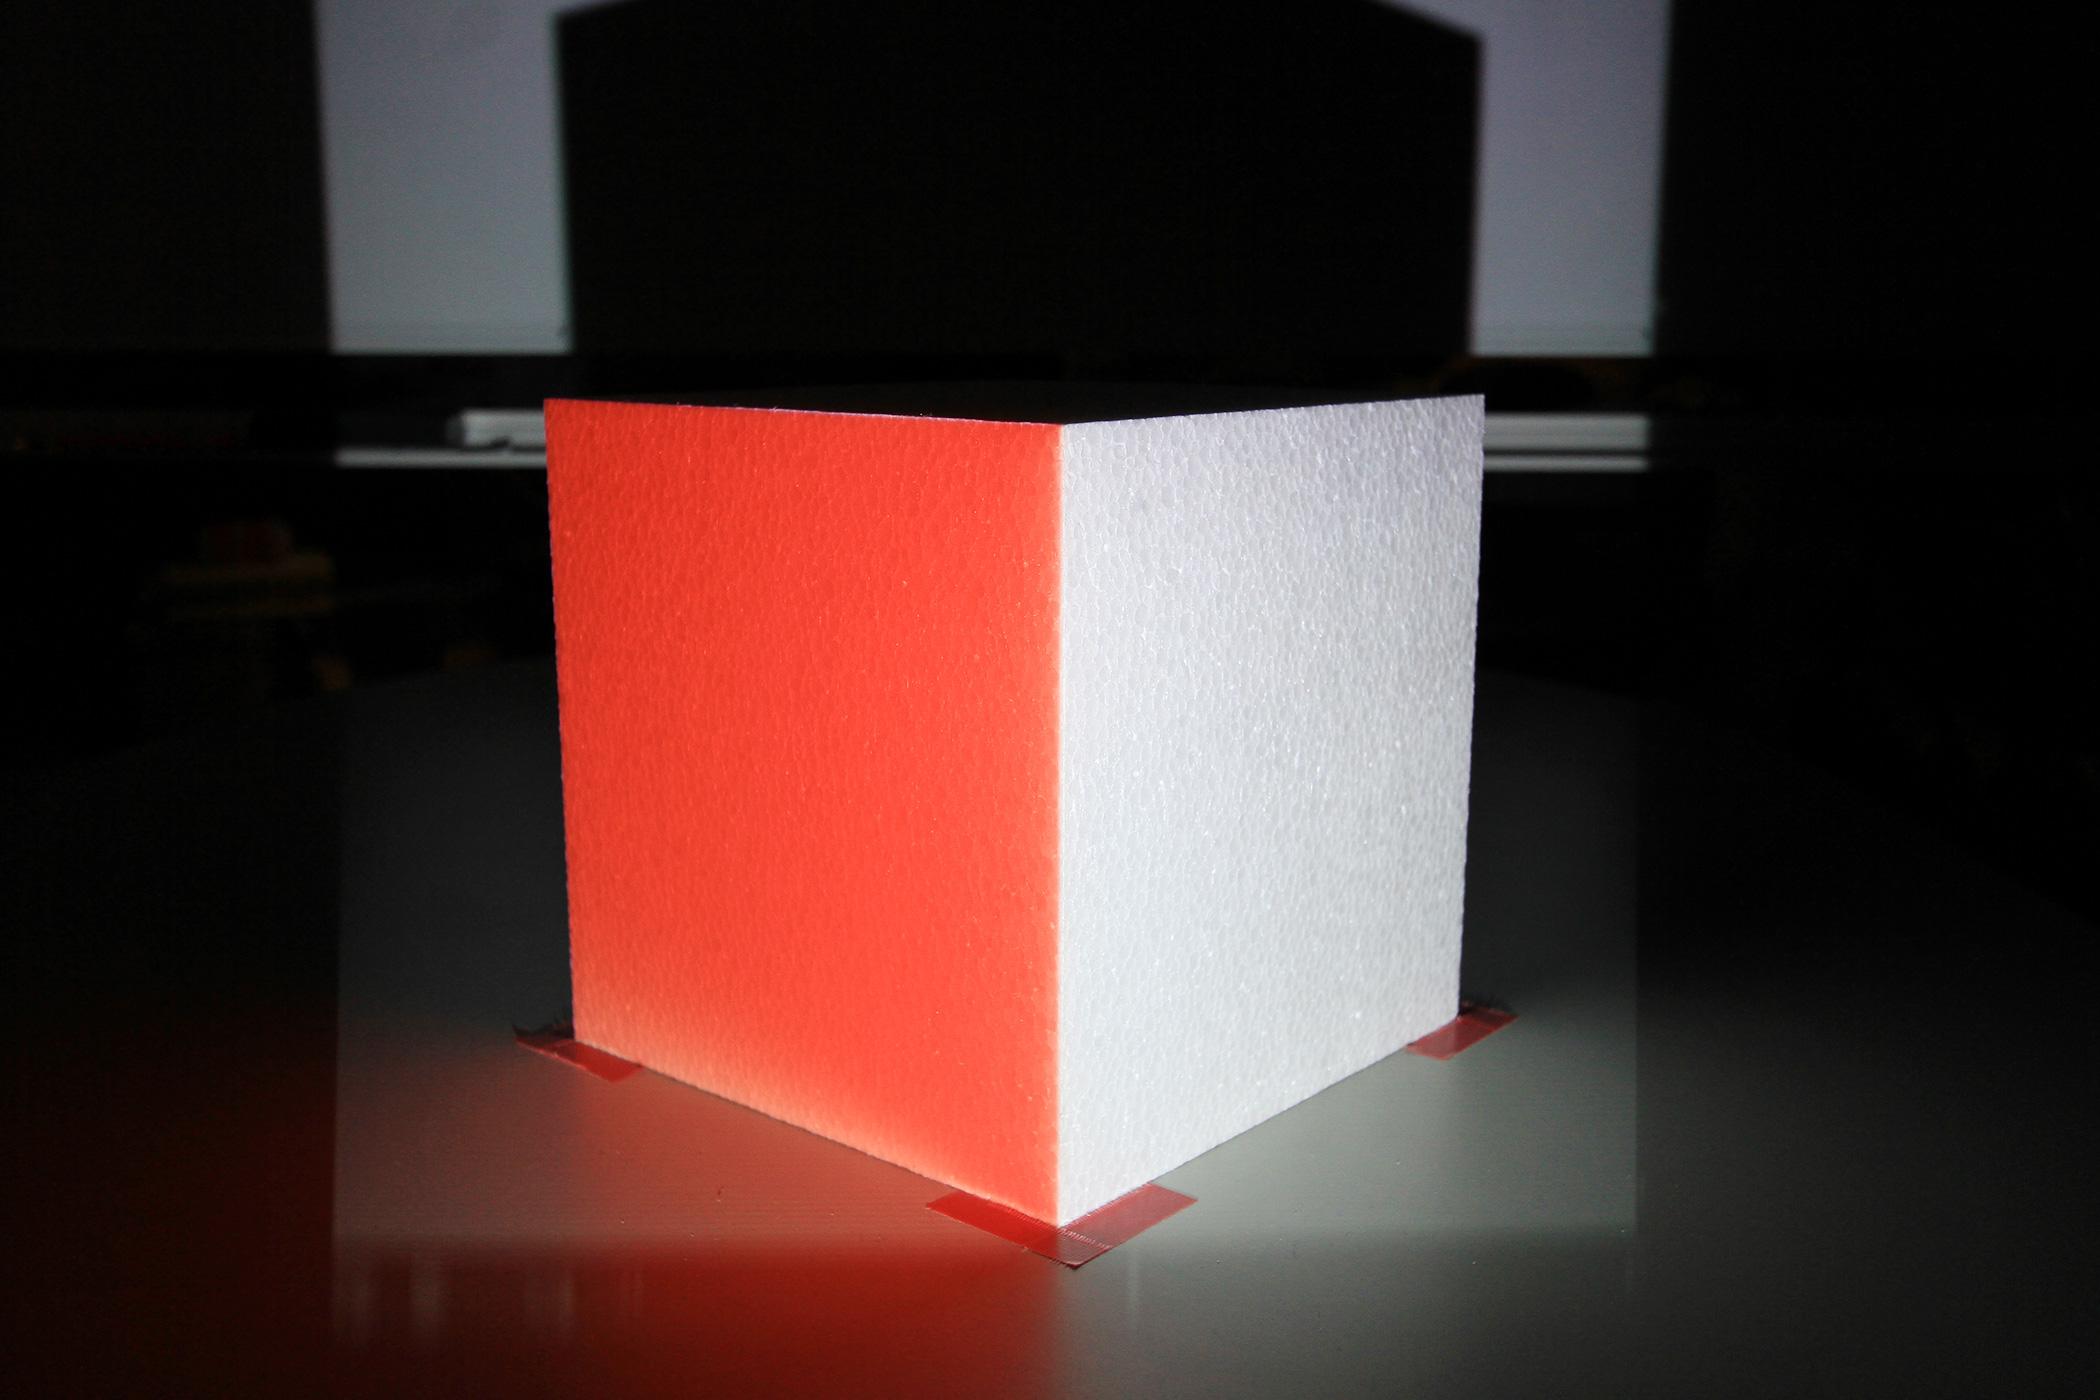 箱の角に合わせます